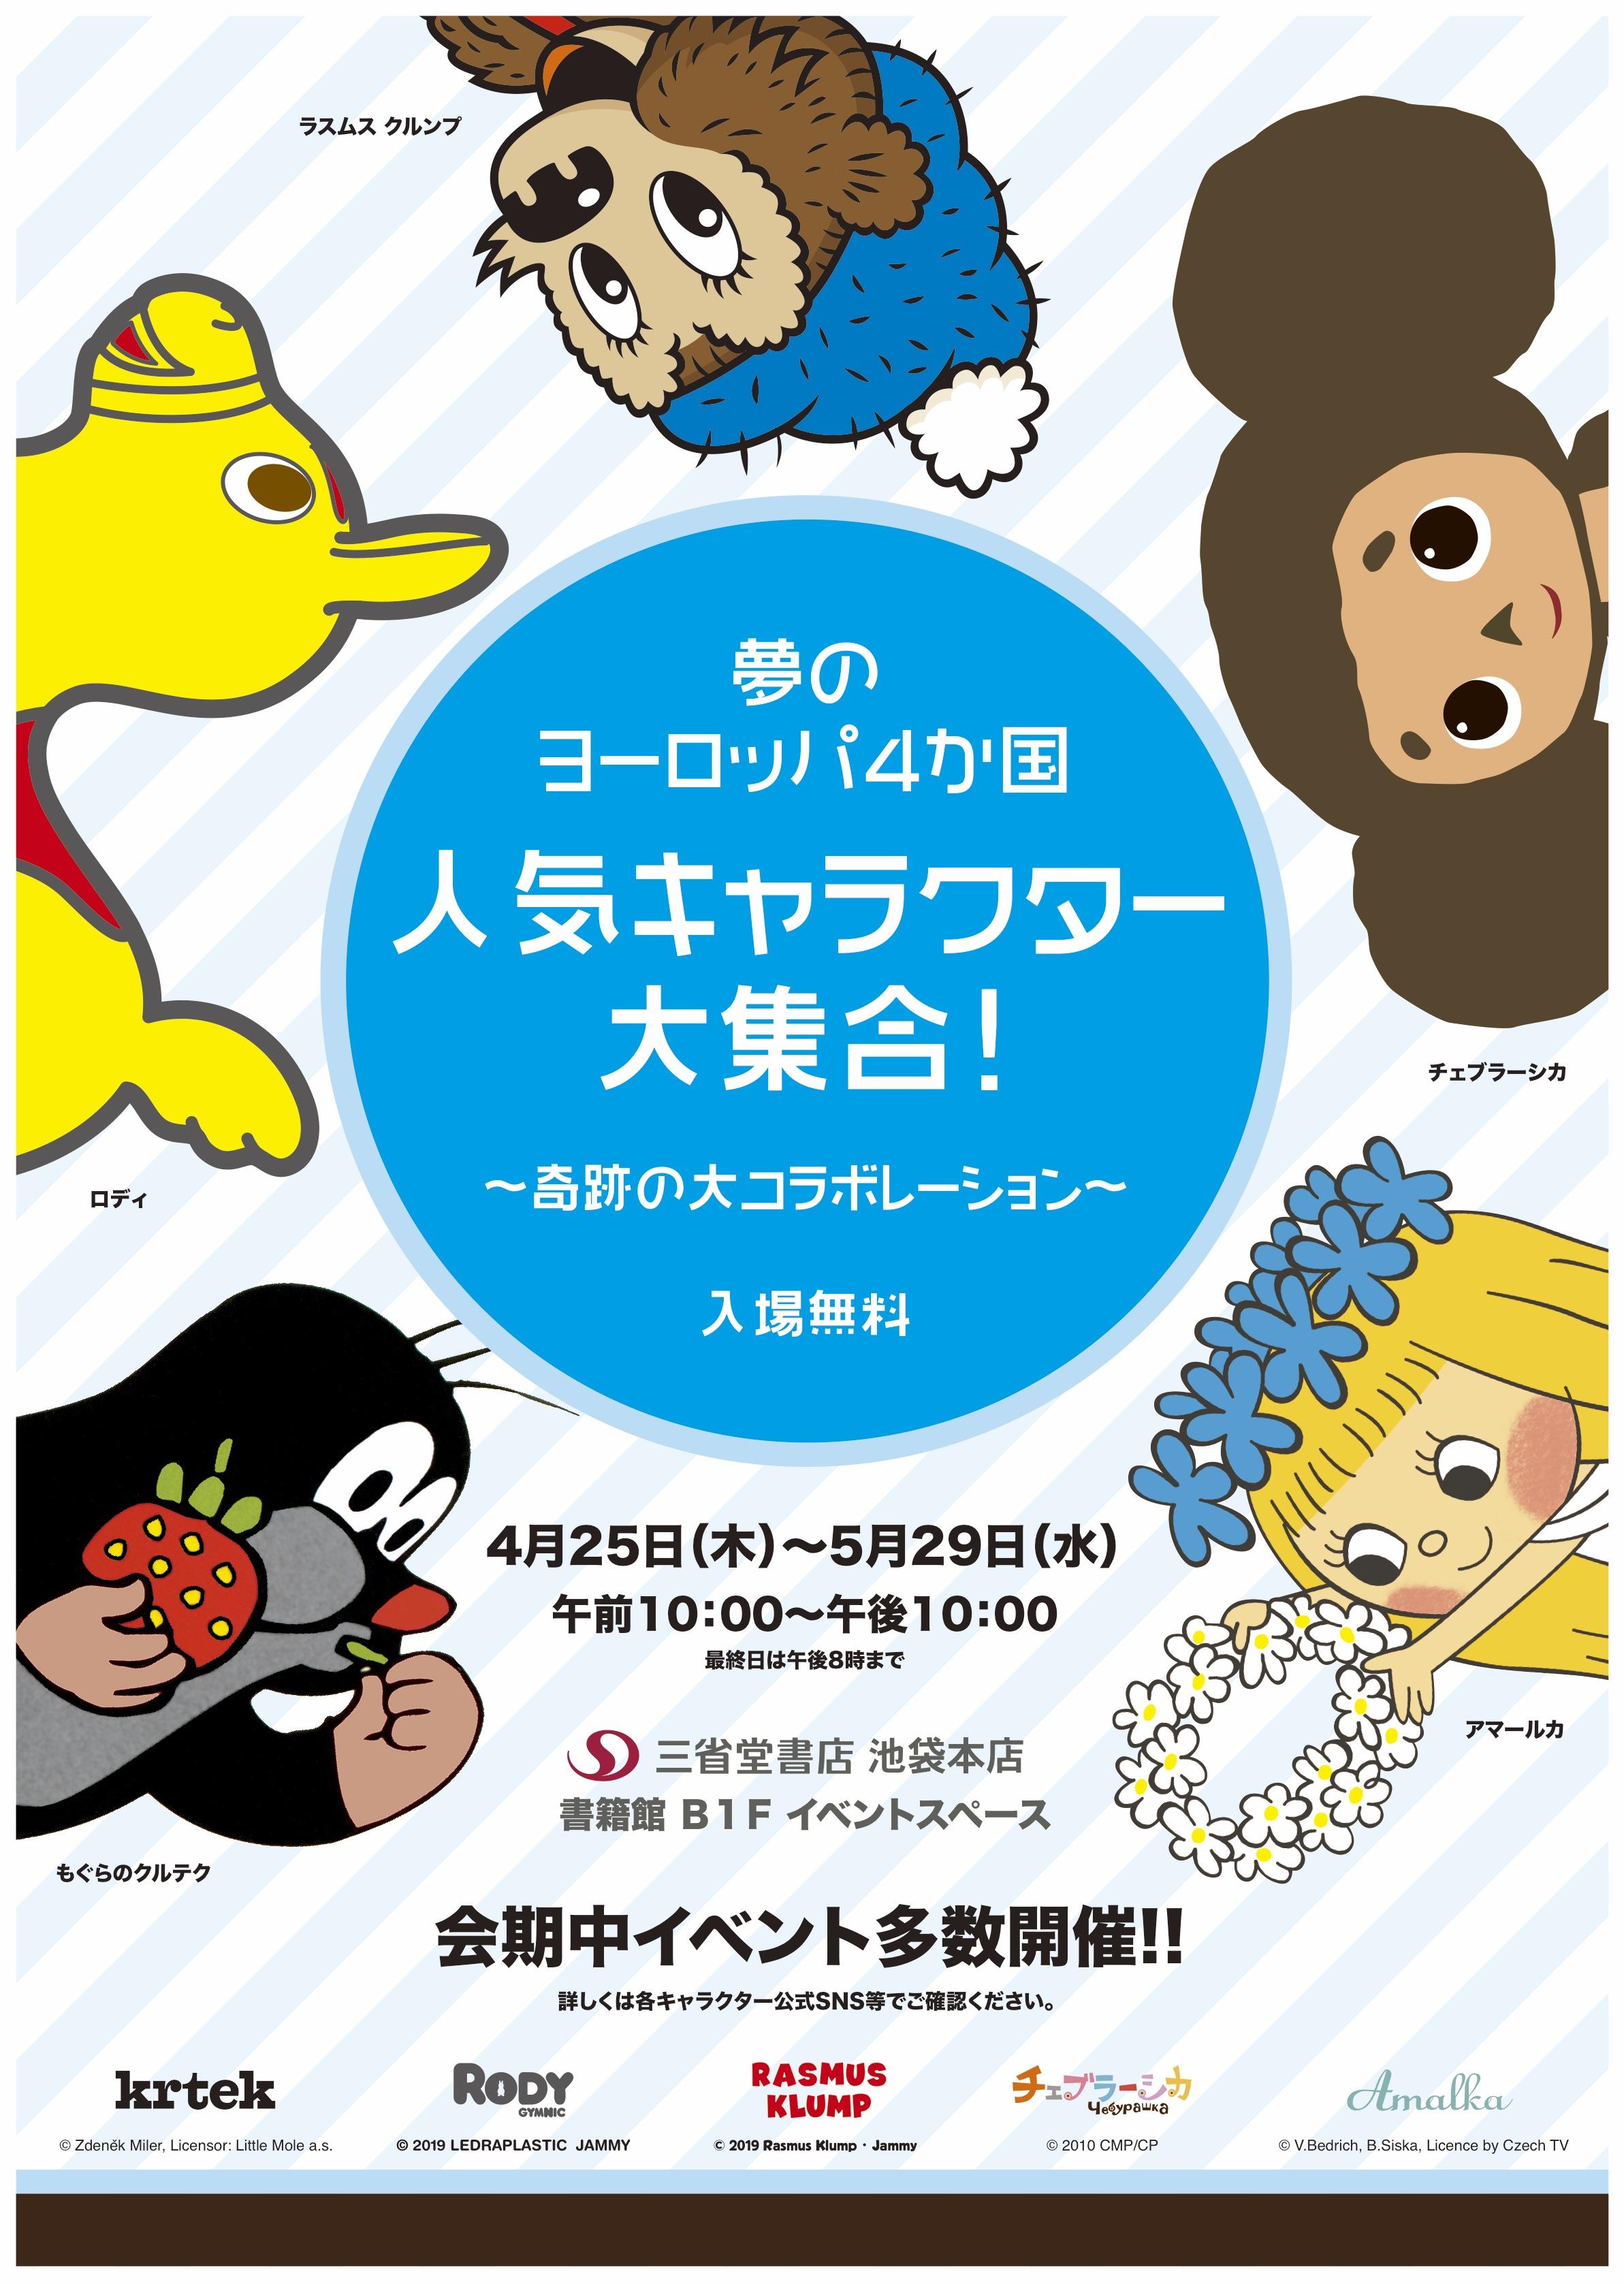 夢のヨーロッパ4か国人気キャラクター大集合! ~奇跡のコラボレーション~